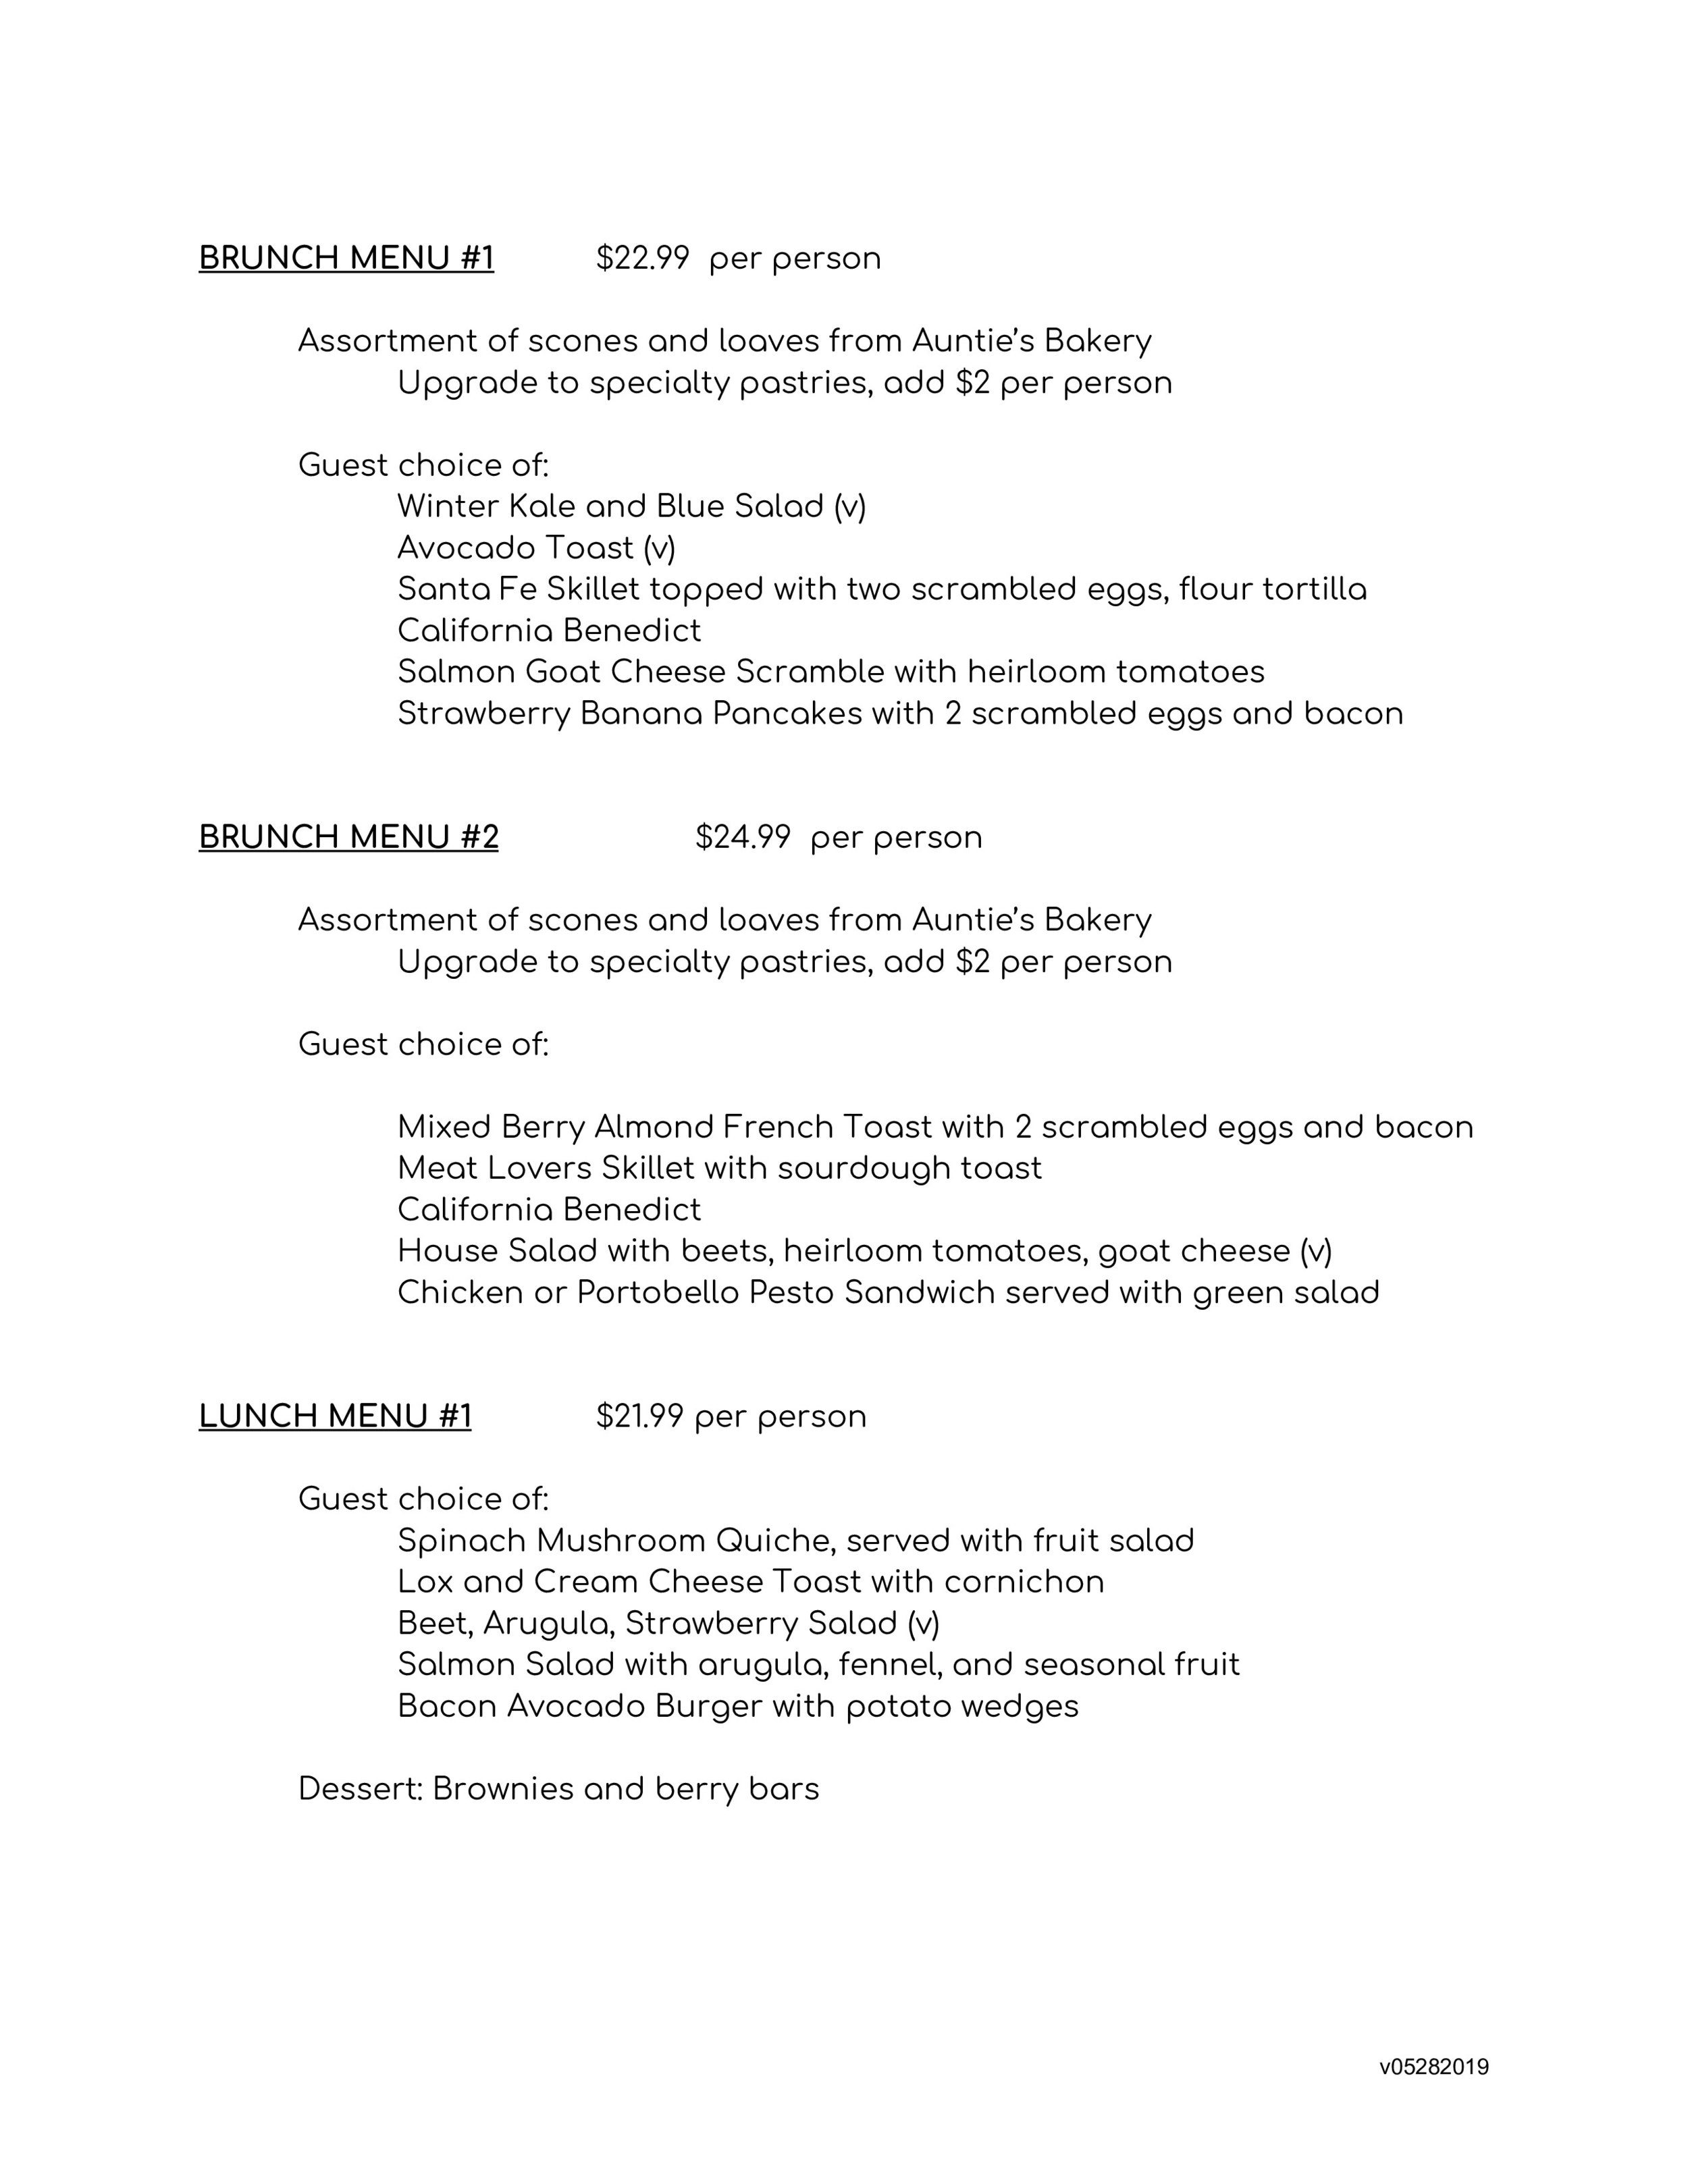 [Contract] Pre-Fix Brunch Menus v07122019_p002.jpg